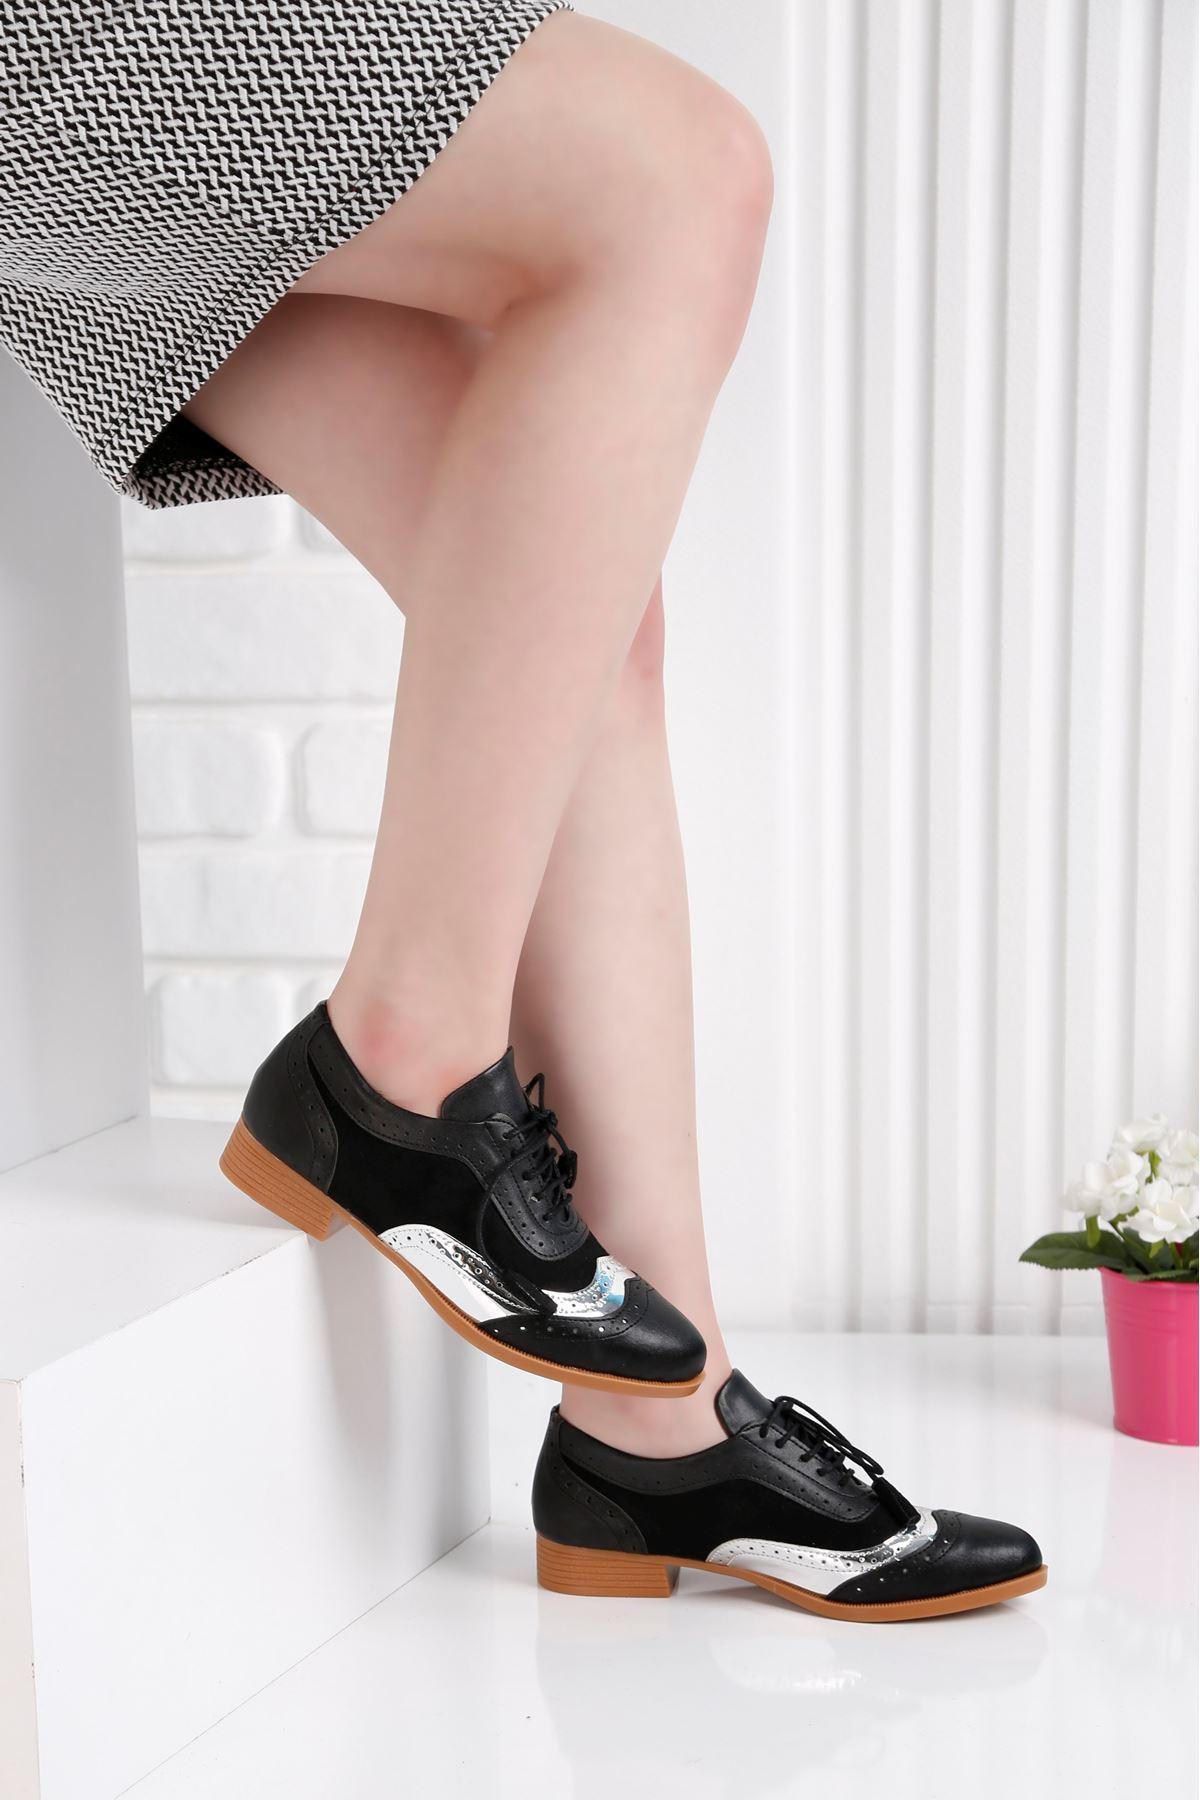 Oxford Günlük Siyah Ayna Detay Kadın Ayakkabı